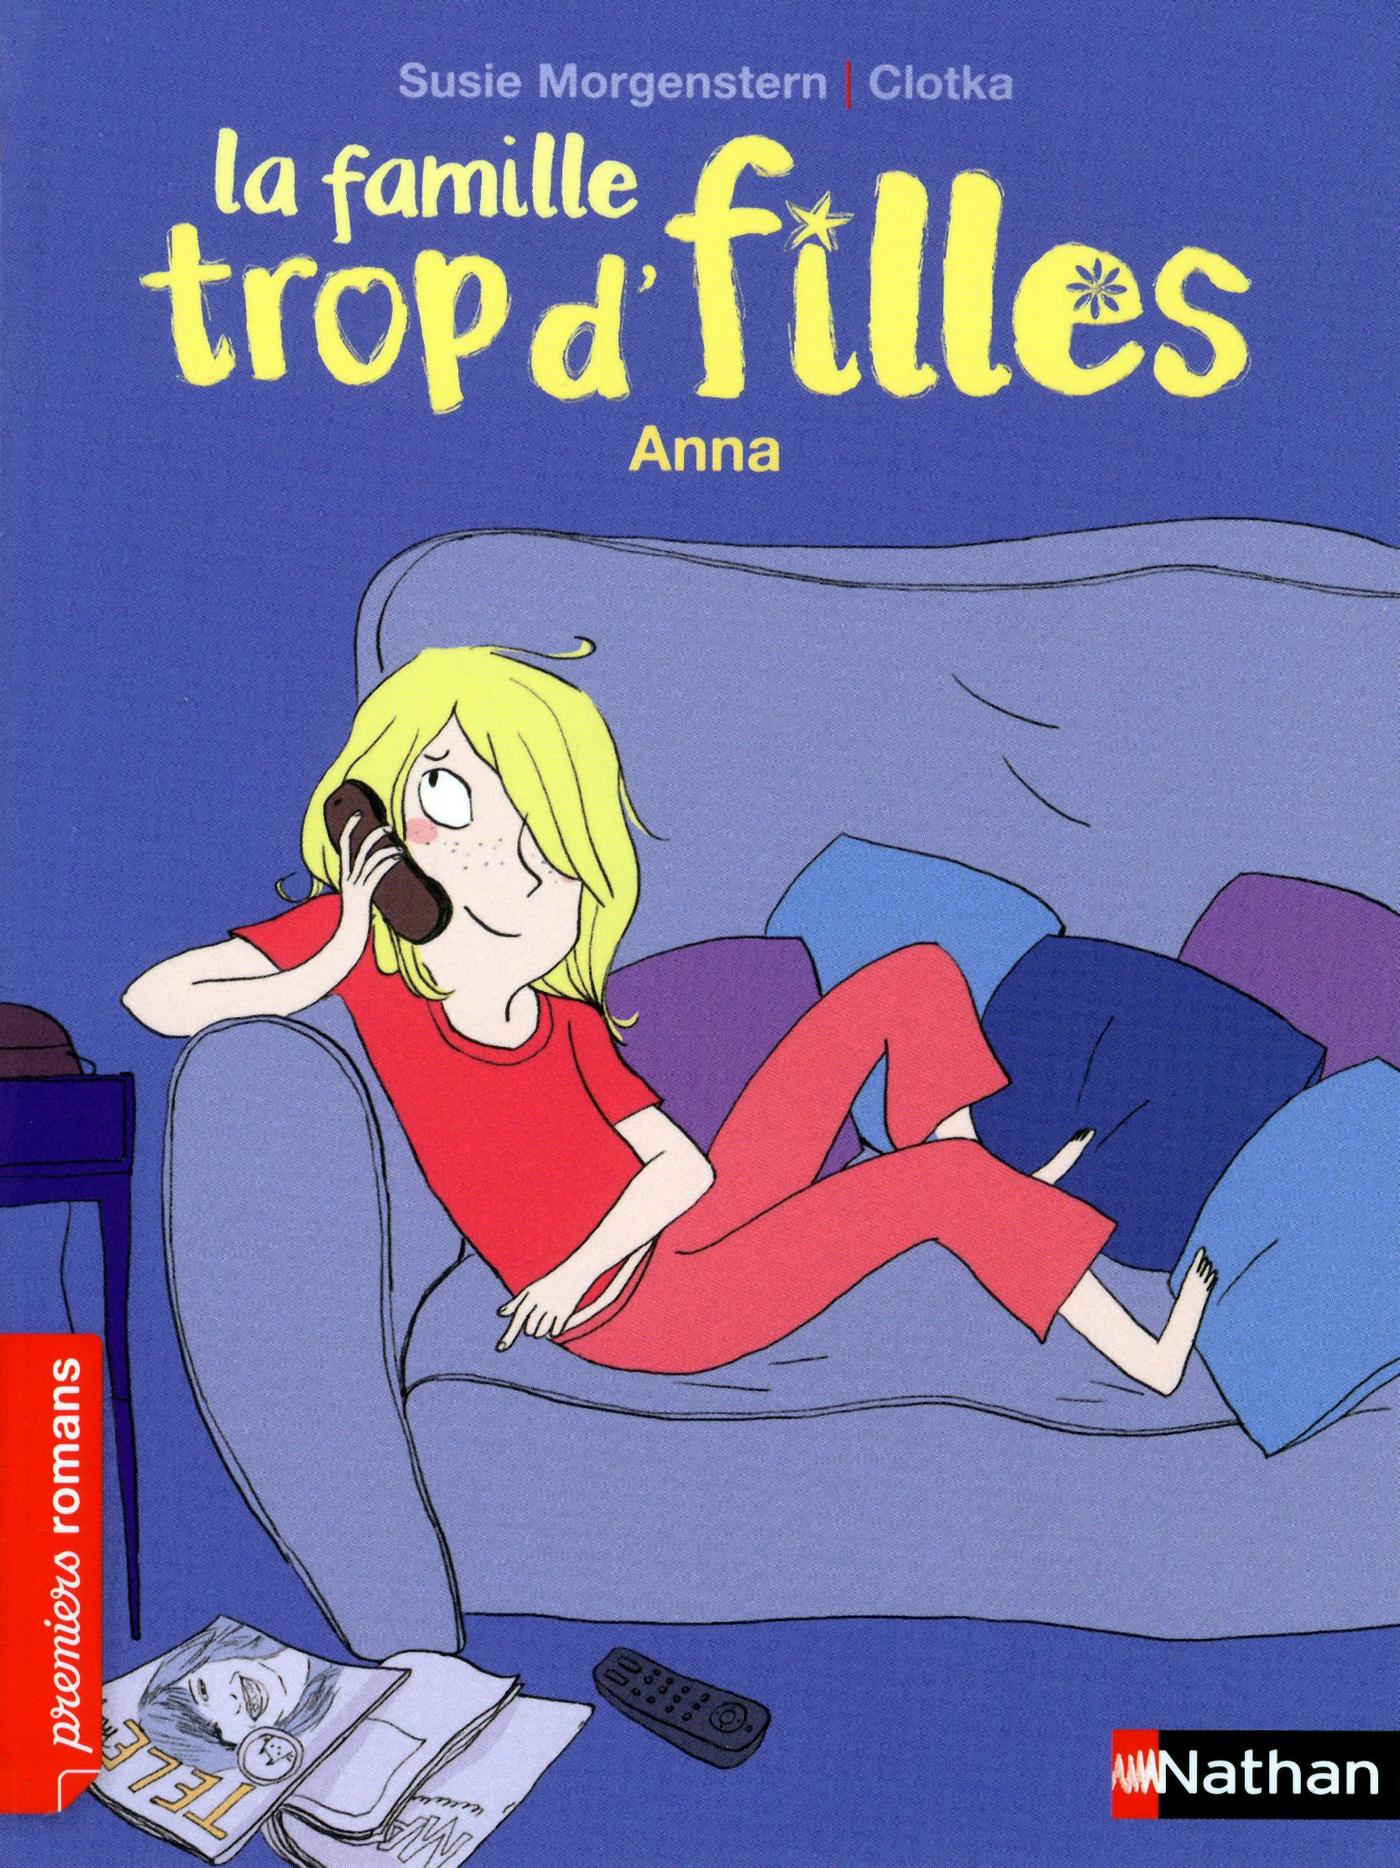 La famille trop d'filles, Anna - Roman Vie quotidienne - De 7 à 11 ans